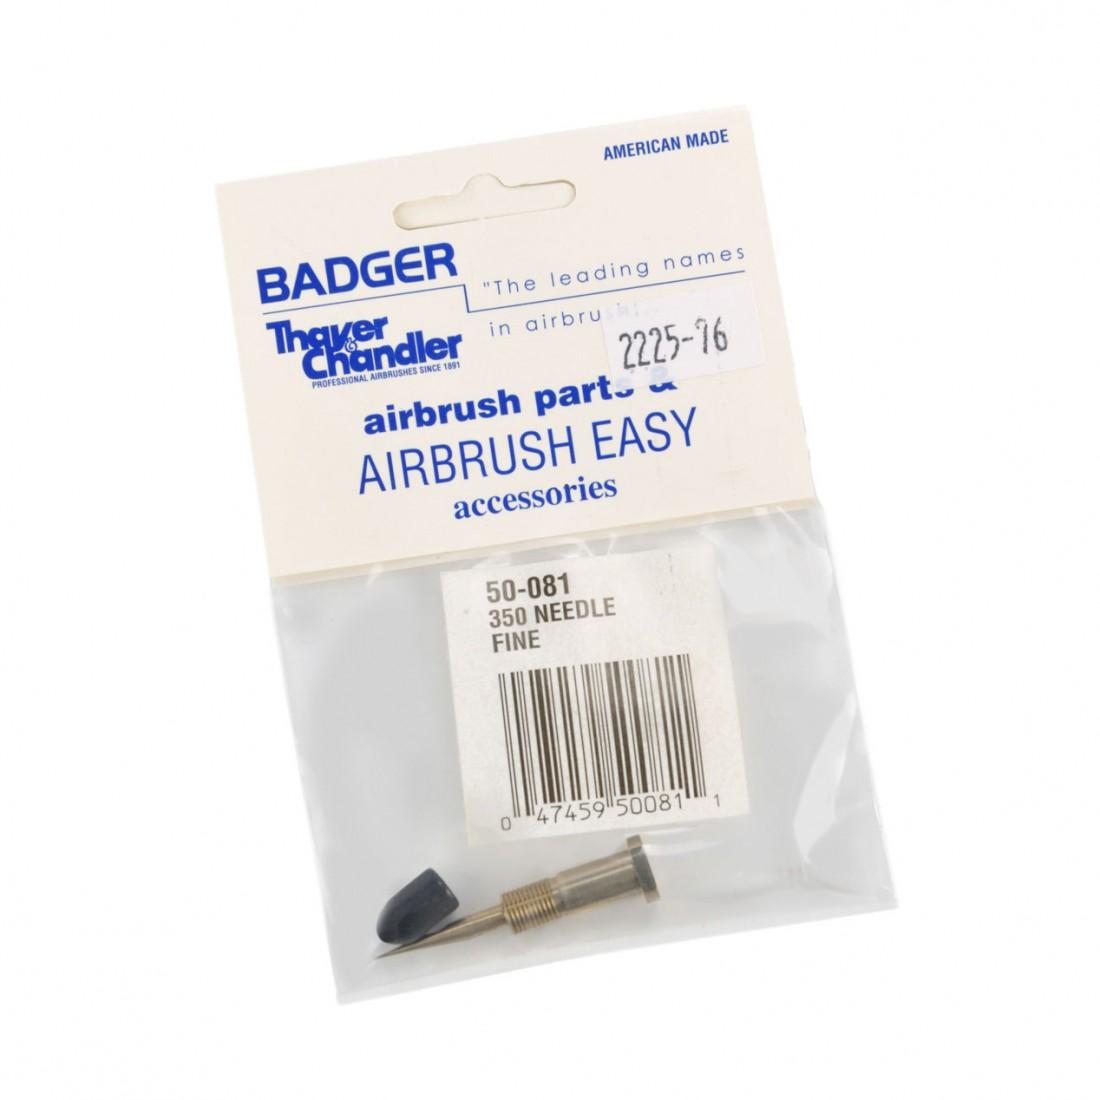 Badger 50-081